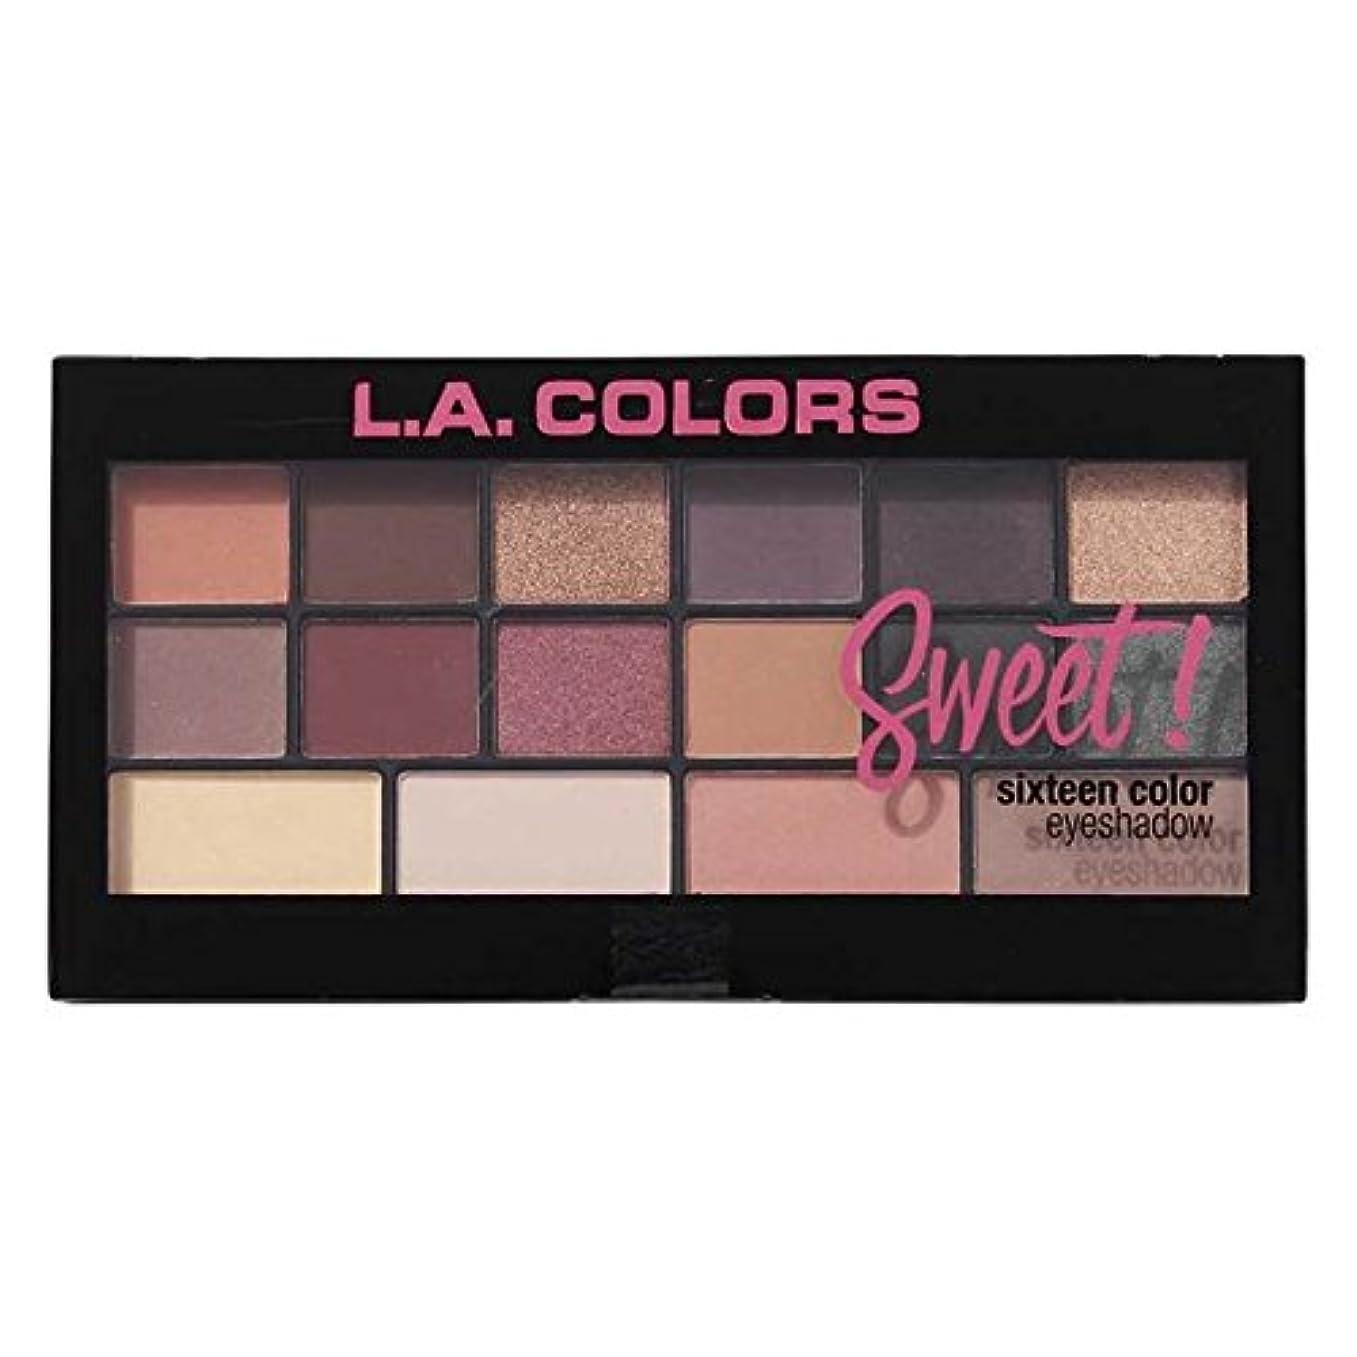 ウルル環境保護主義者ゴム(3 Pack) L.A. Colors Sweet! 16 Color Eyeshadow Palette - Seductive (並行輸入品)